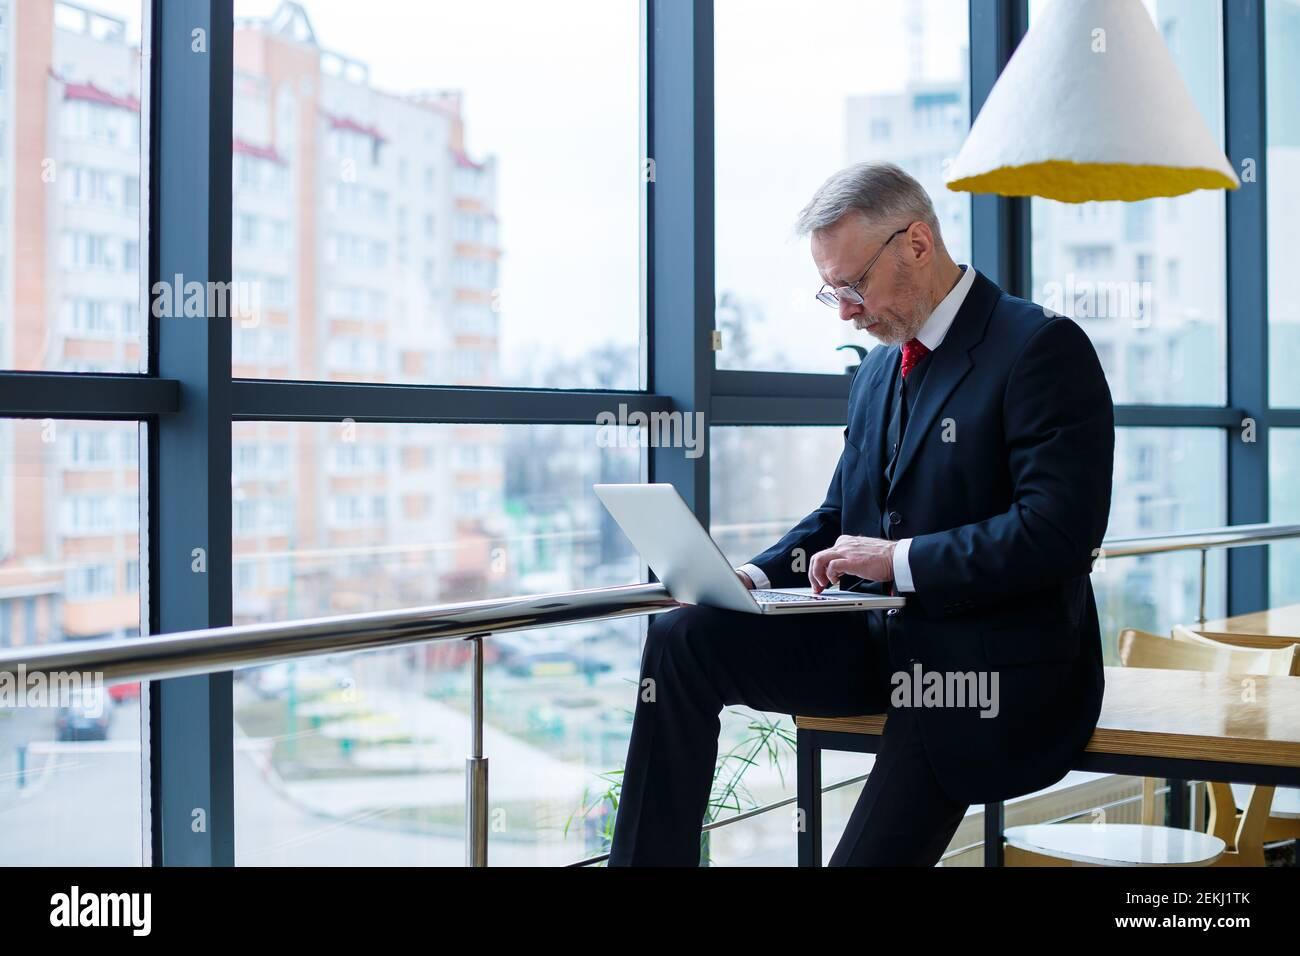 Lächelnder glücklicher Geschäftsführer denkt über seine erfolgreiche berufliche Entwicklung nach, während er mit einem Laptop in seinem Büro in der Nähe eines Gewinns steht Stockfoto